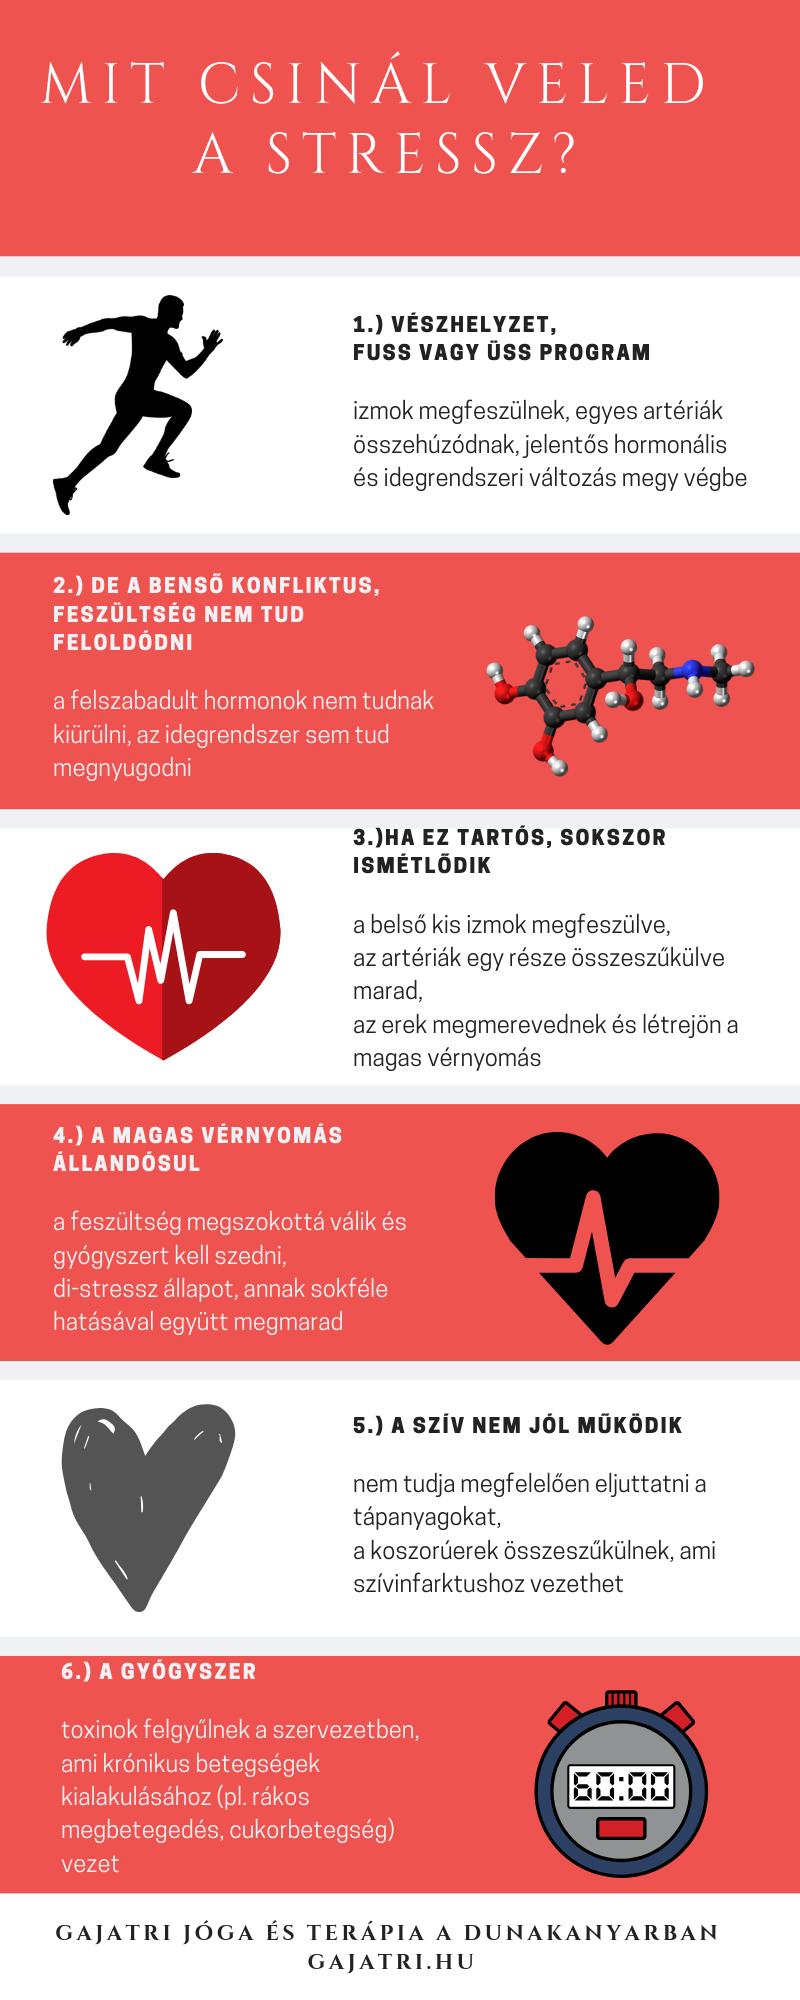 Munkahelyi stressz okozta magas vérnyomás